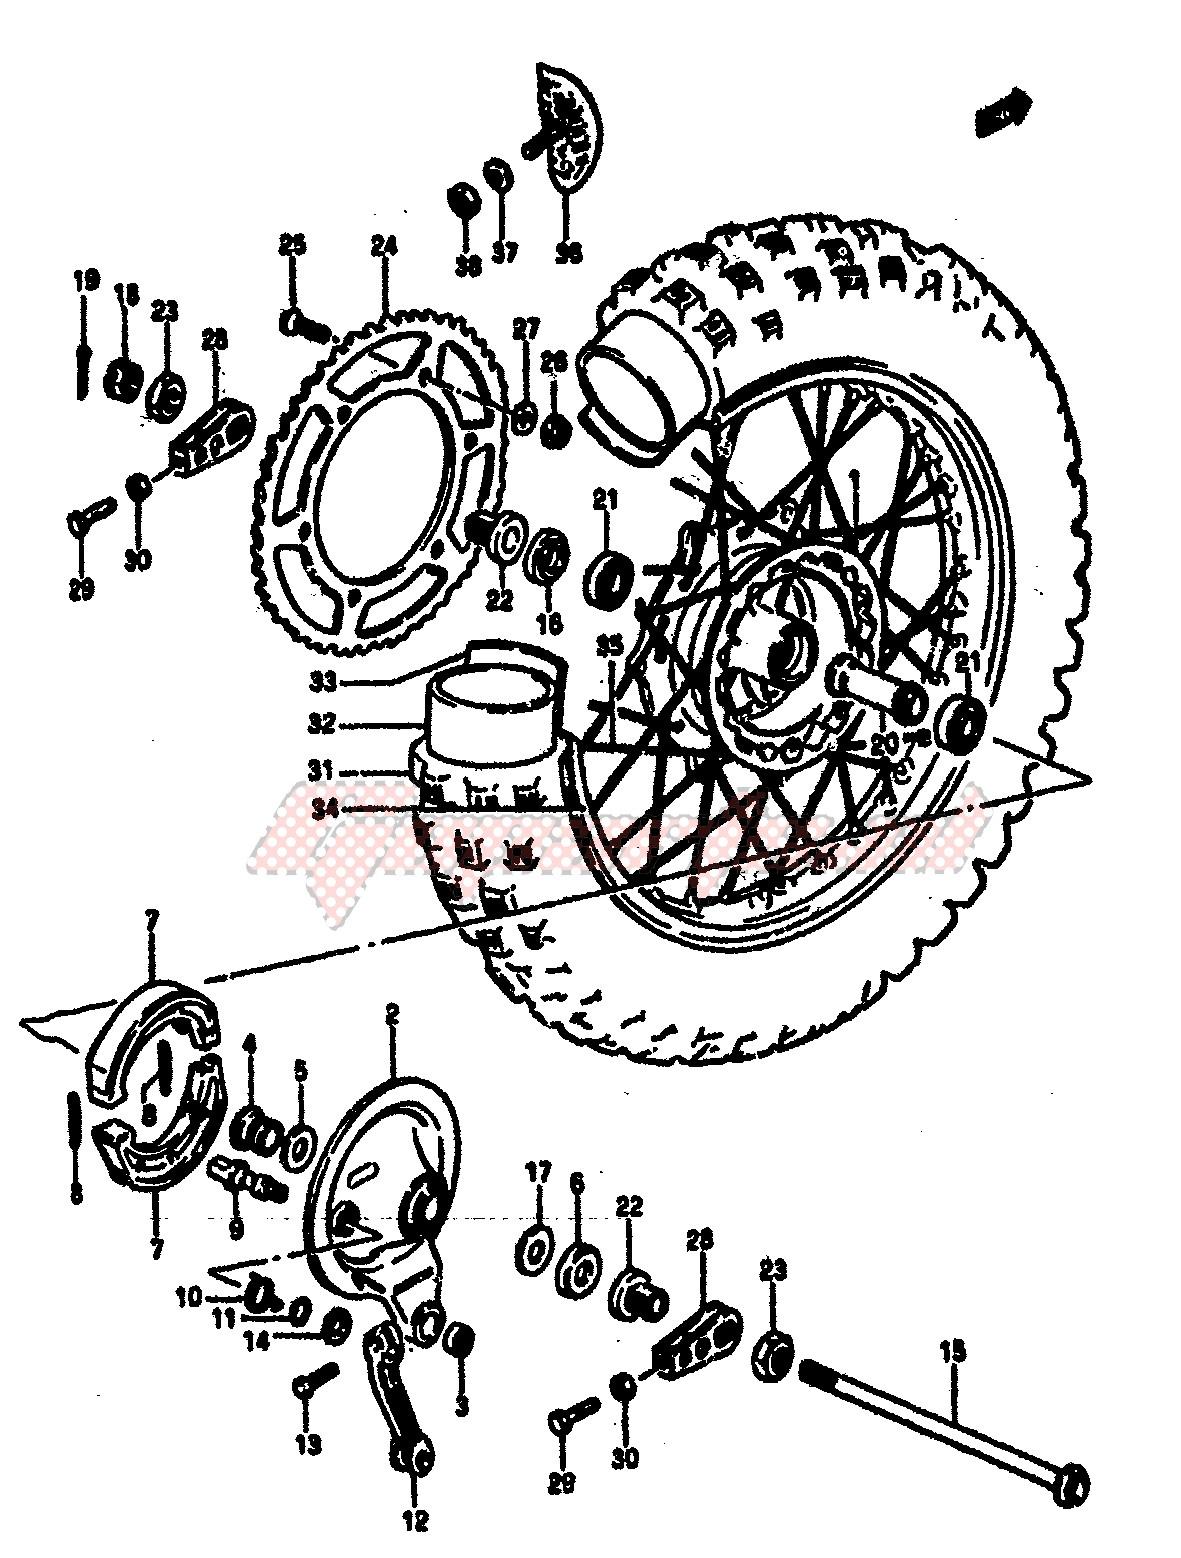 REAR WHEEL (MODEL E) image